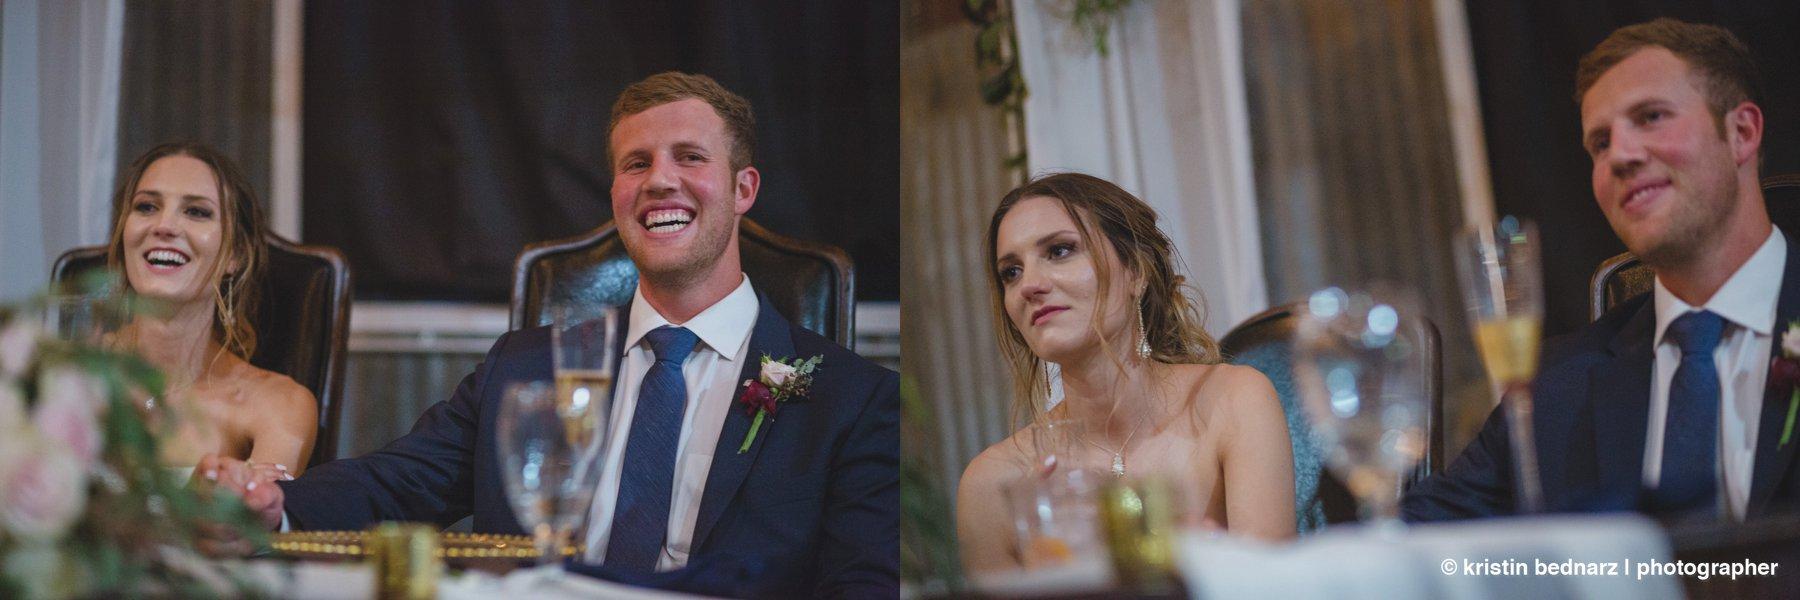 Krisitin_Bednarz_Lubbock_Wedding_Photographer_20180602_0092.JPG